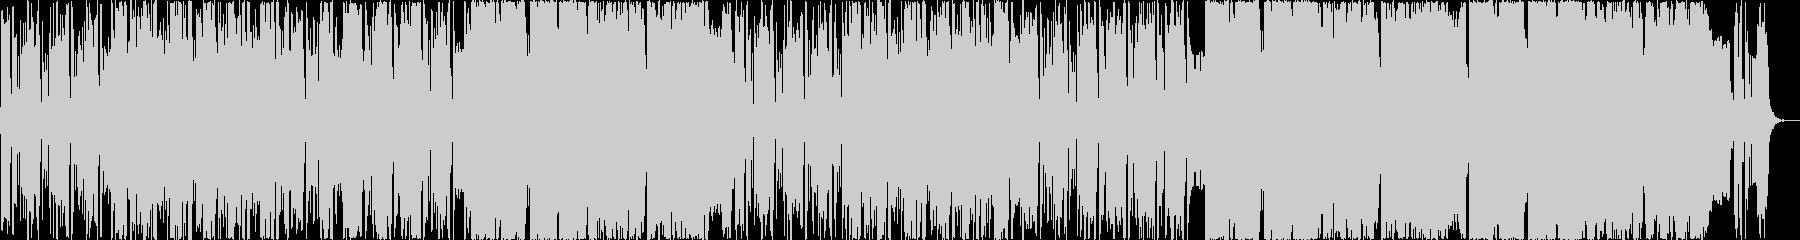 ヒップホップ風インドポップサウンドの未再生の波形